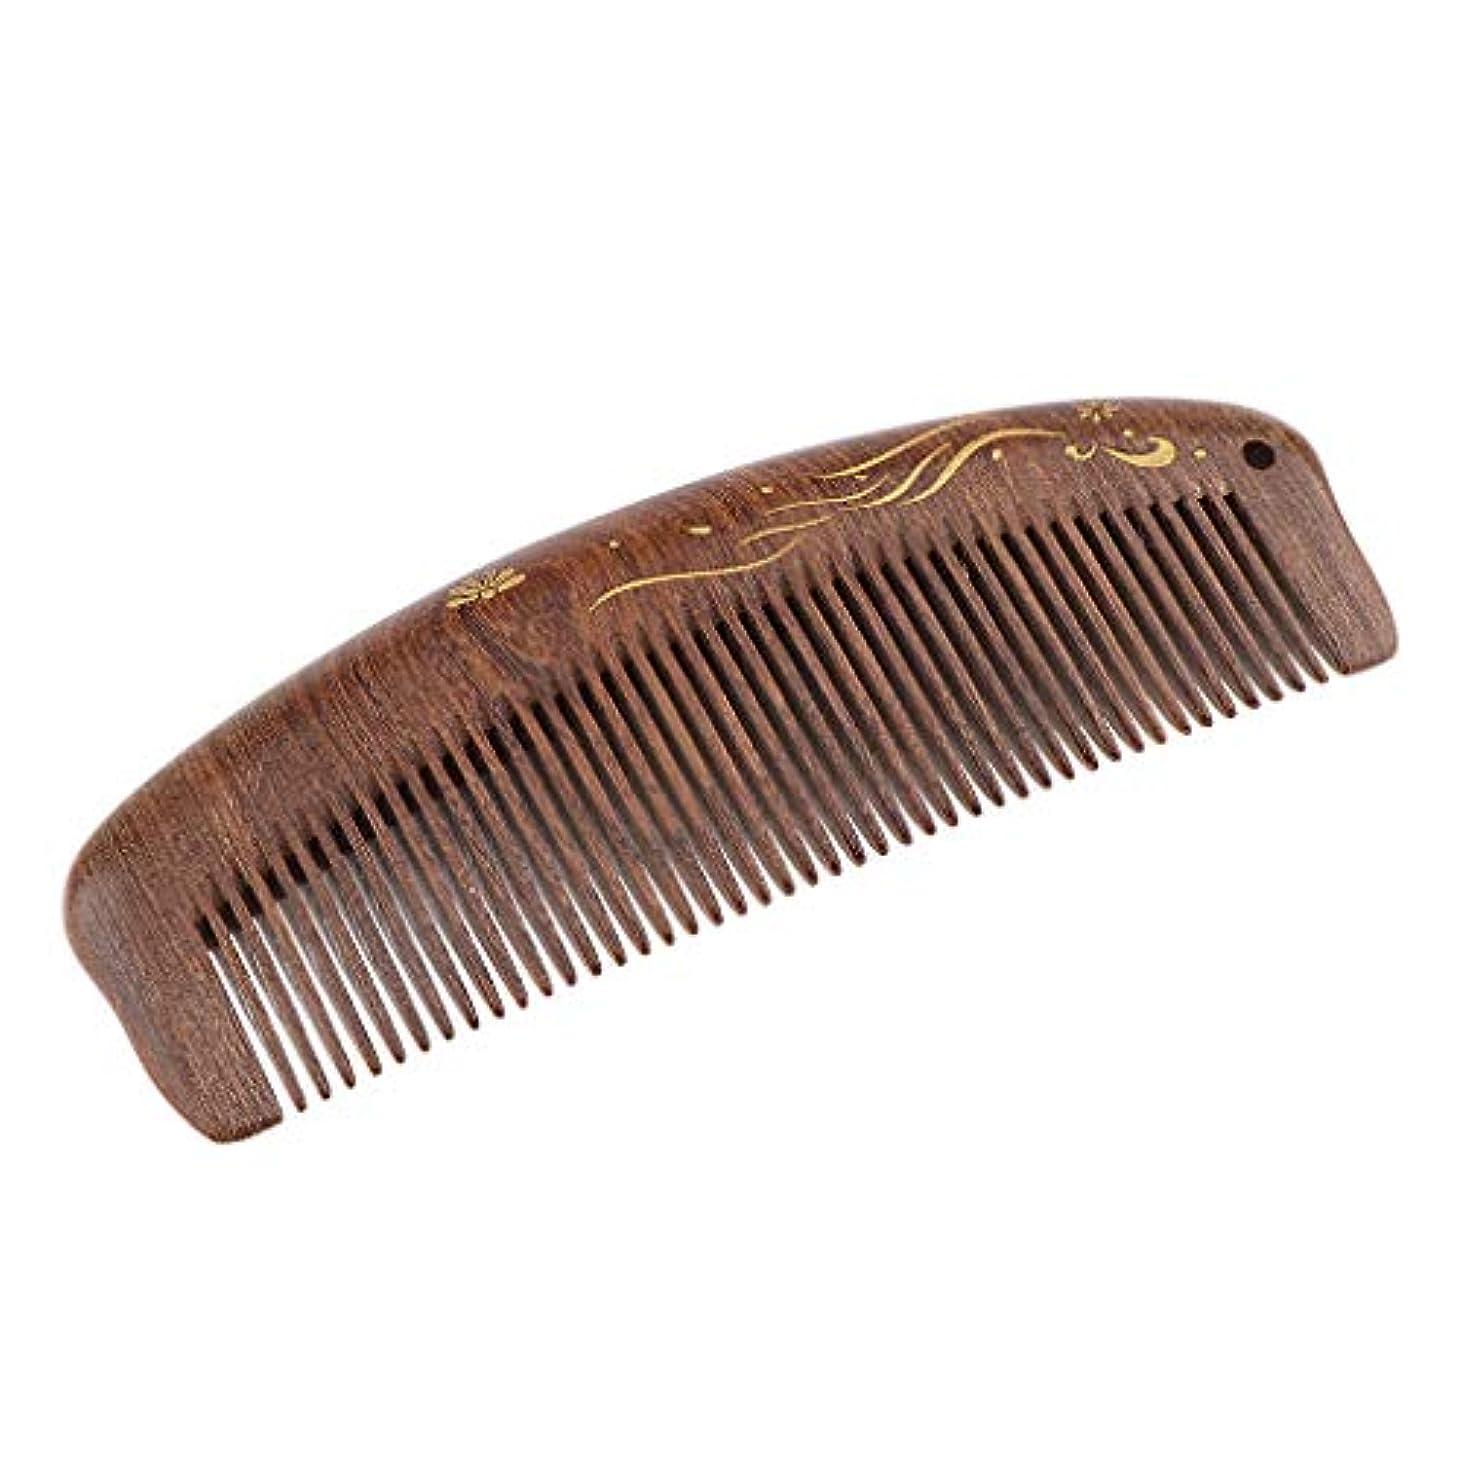 環境ぐるぐる想像する帯電防止櫛 ウッドコーム ヘアサロン ヘアブラシ 3仕様選べ - 細かい歯